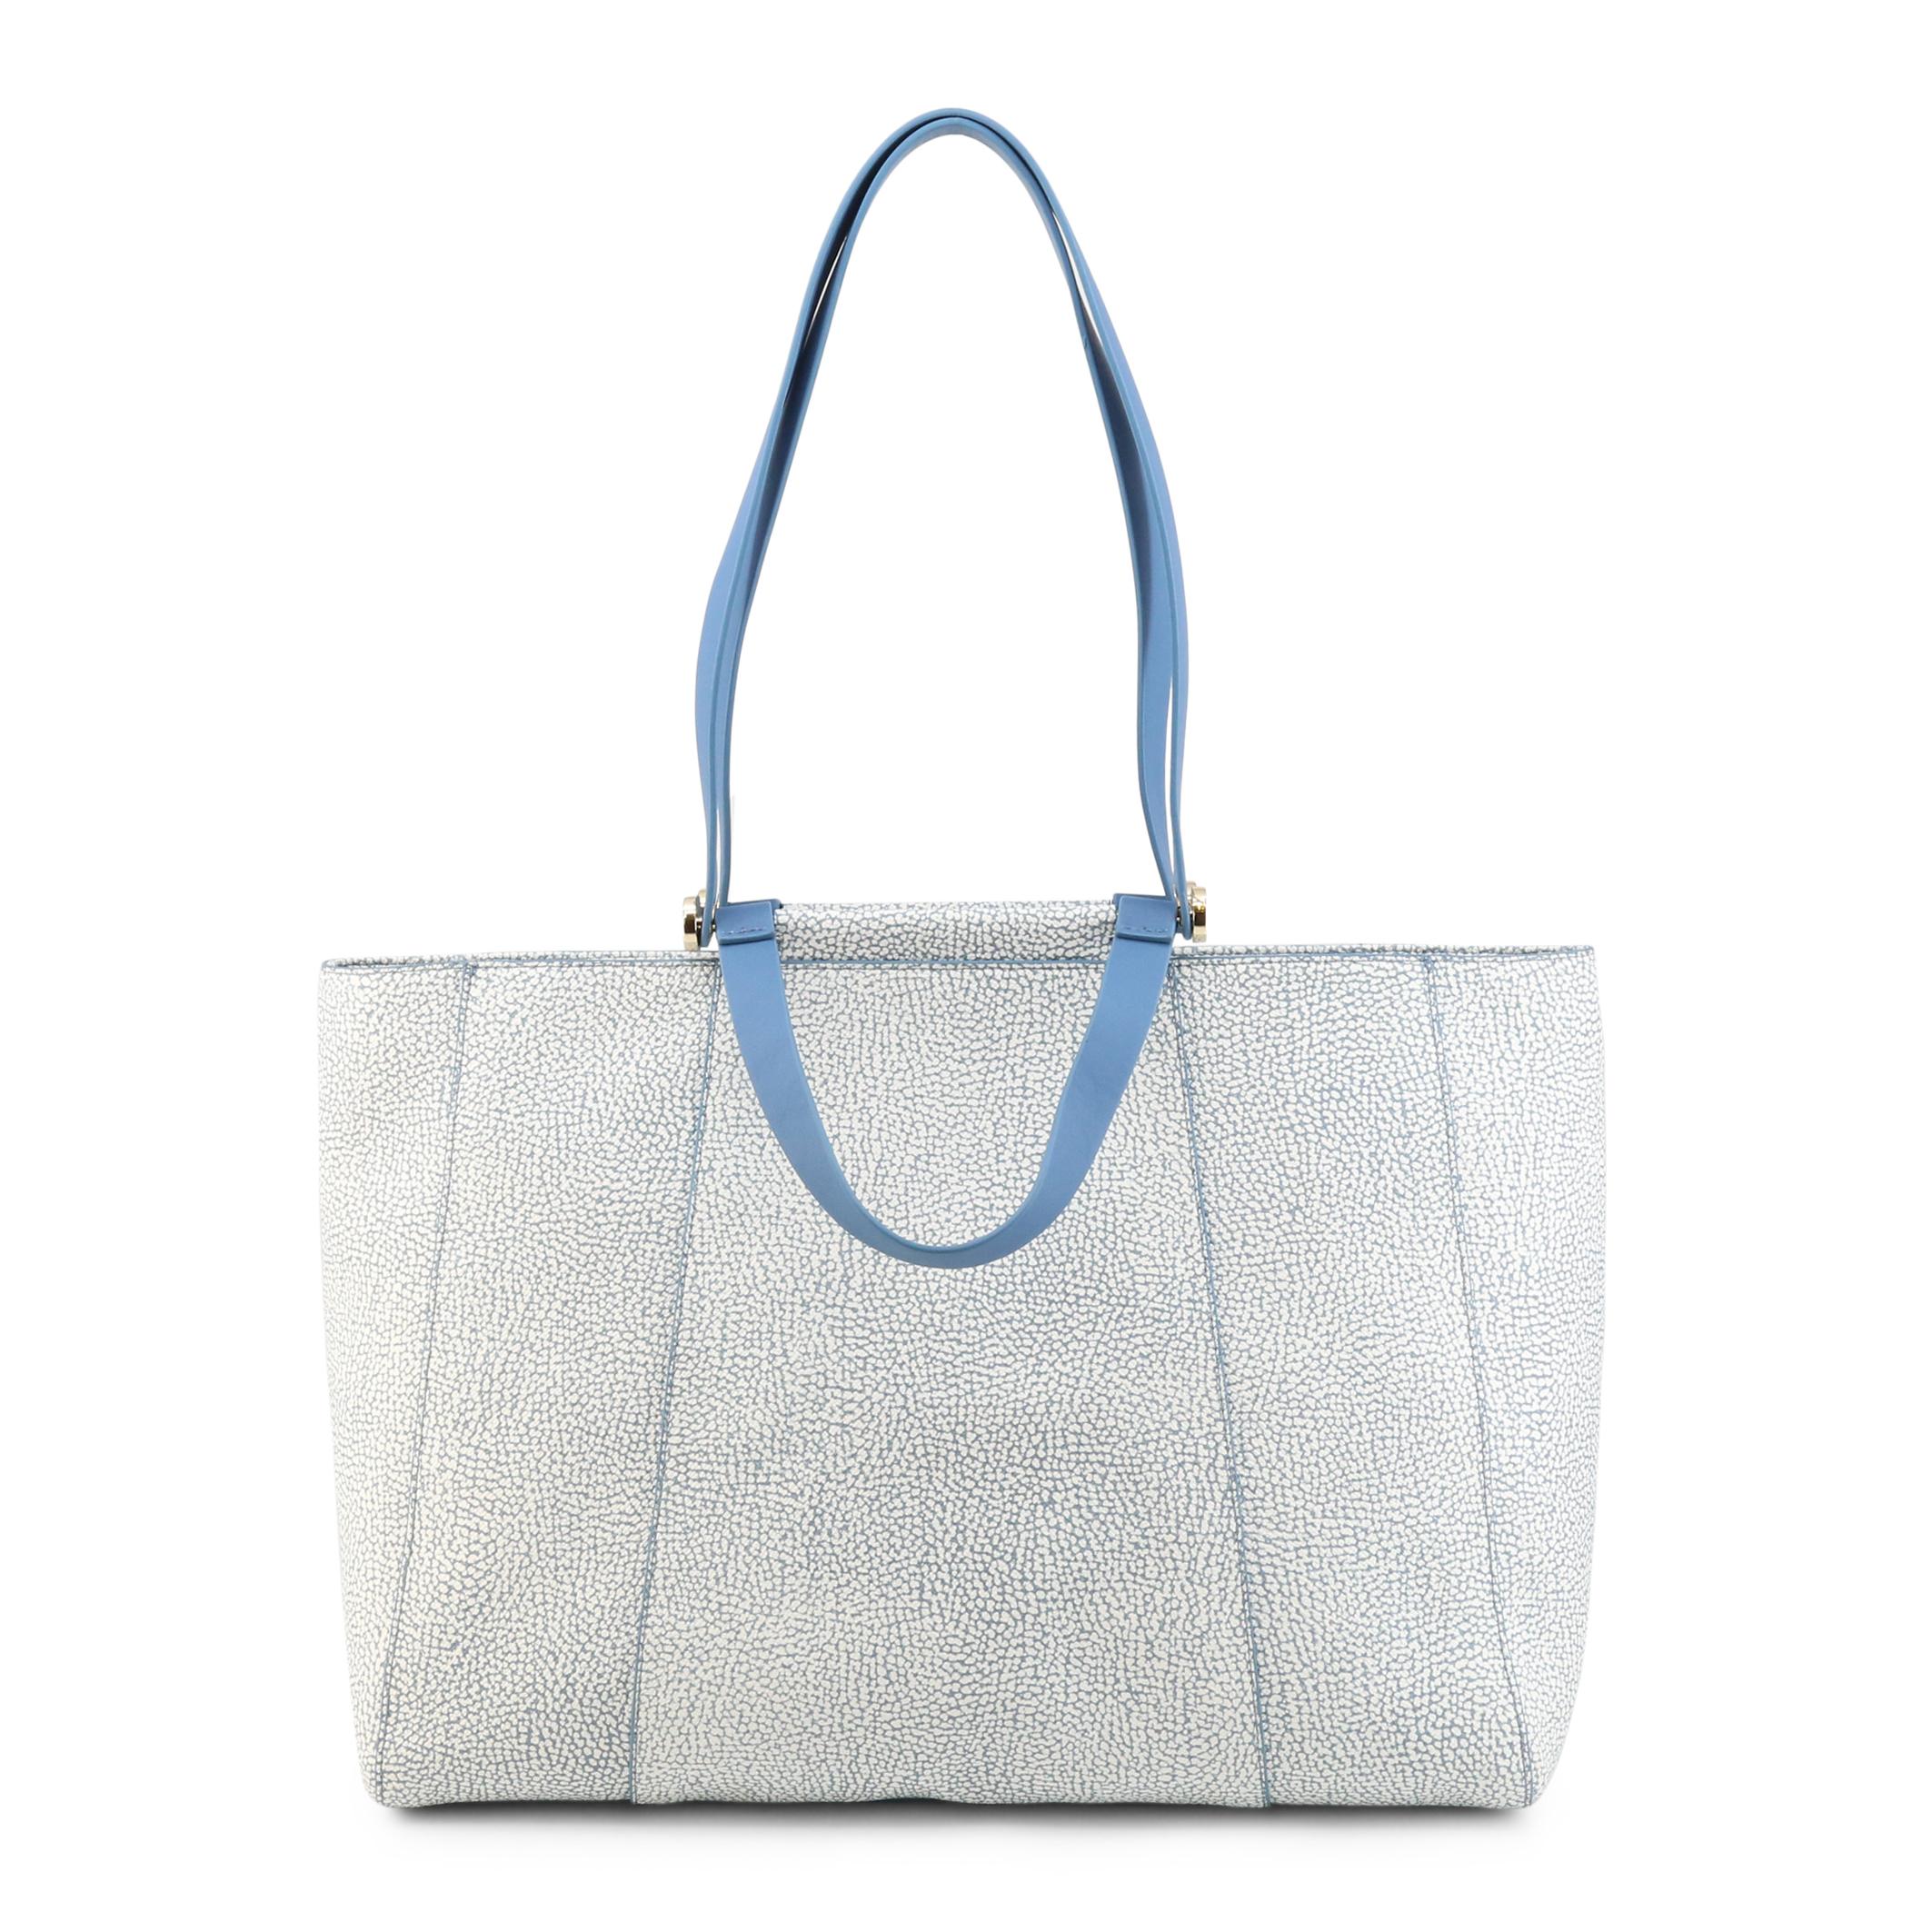 Borbonese – 903994-320 – Blauw Designeritems.nl